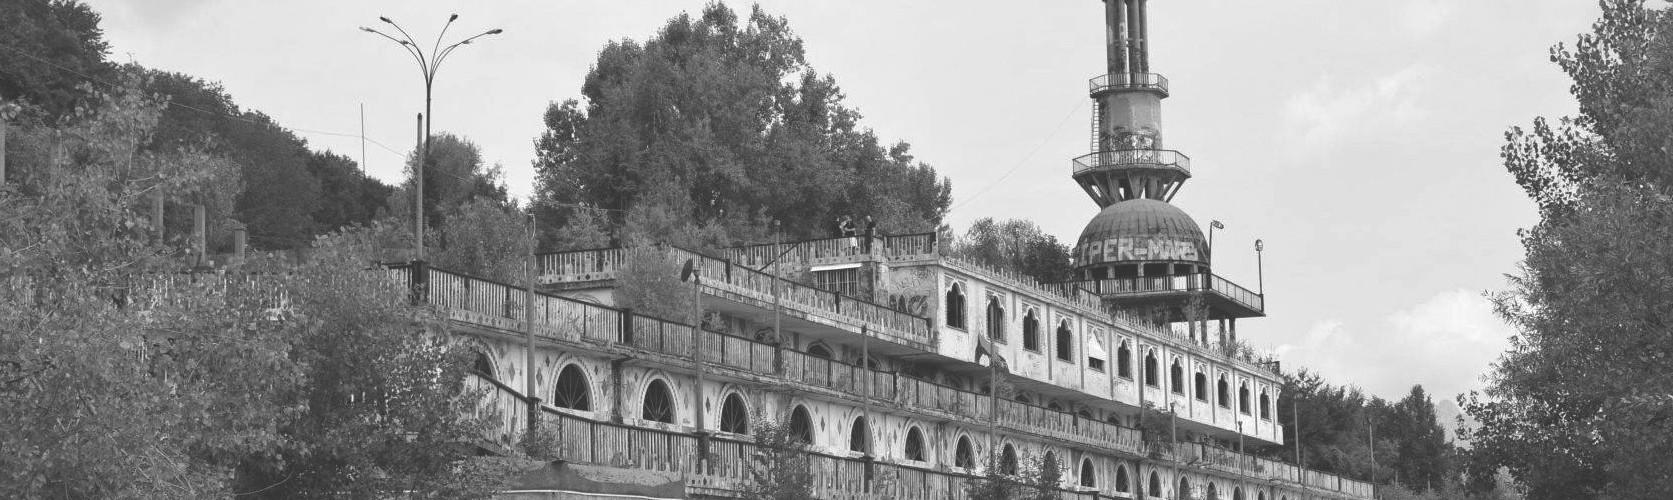 (Italiano) Nascondino WorldChampionship – Consonno 2016